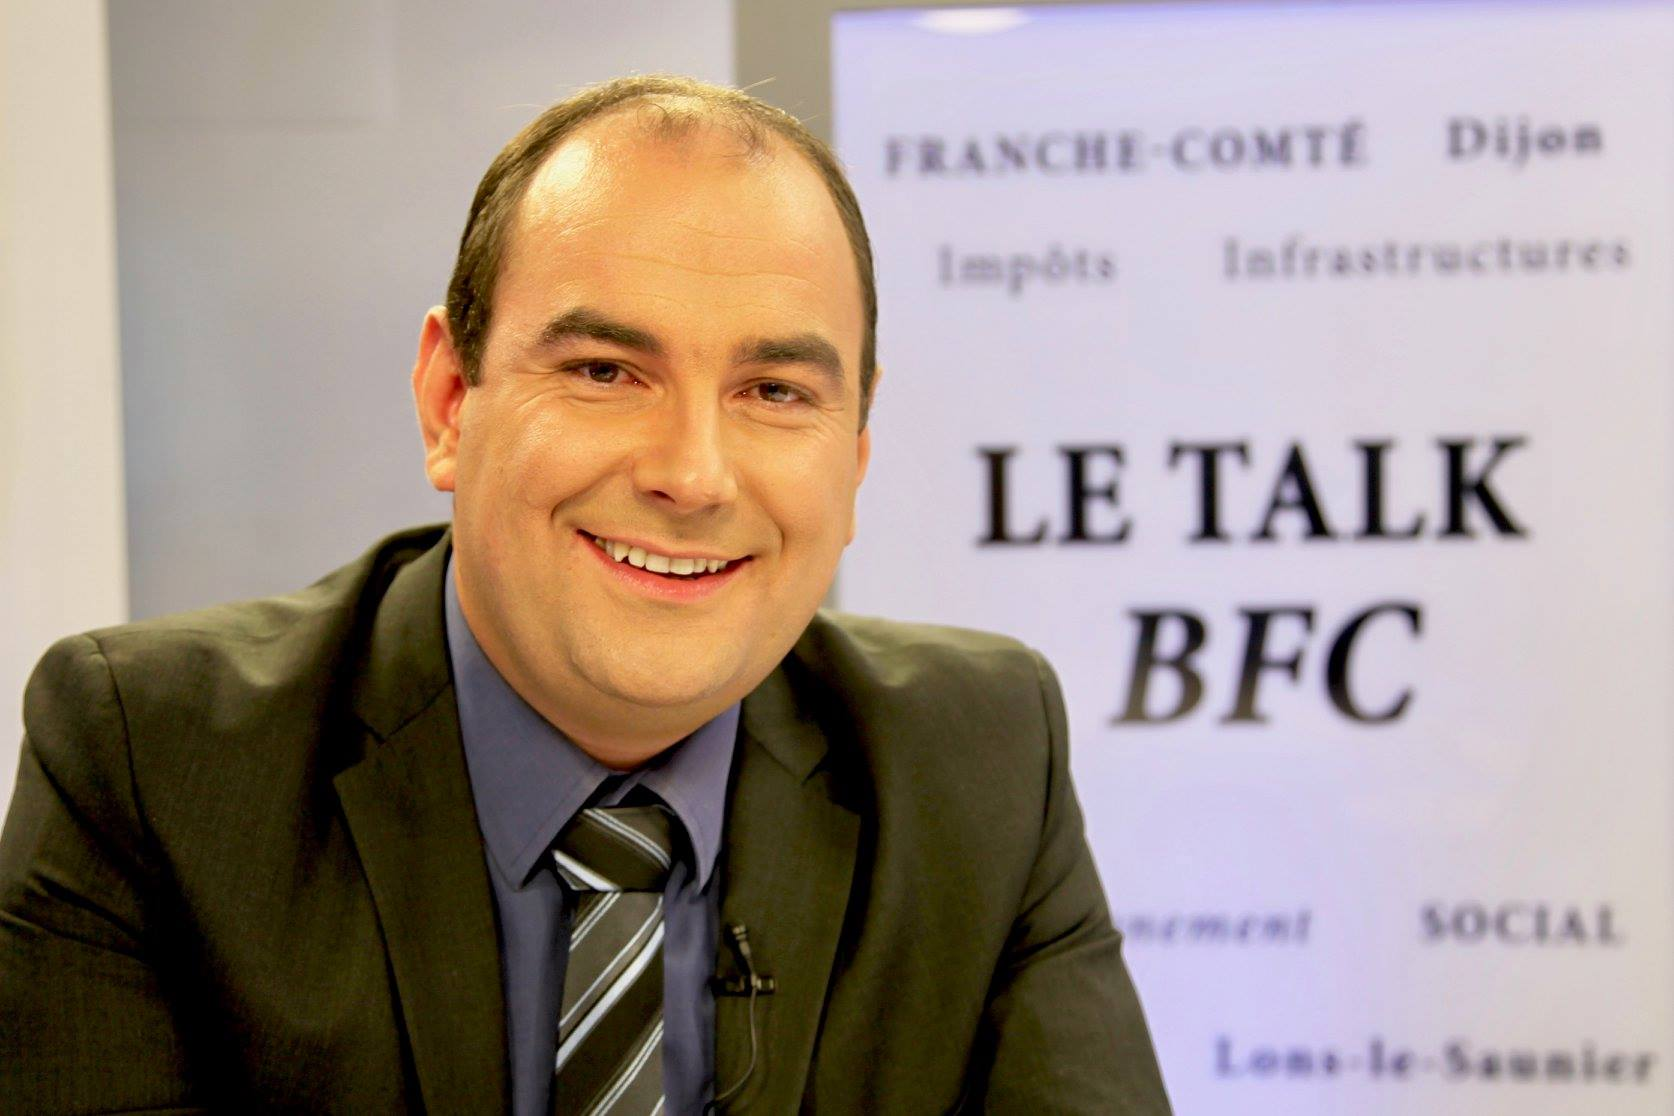 Talk BFC